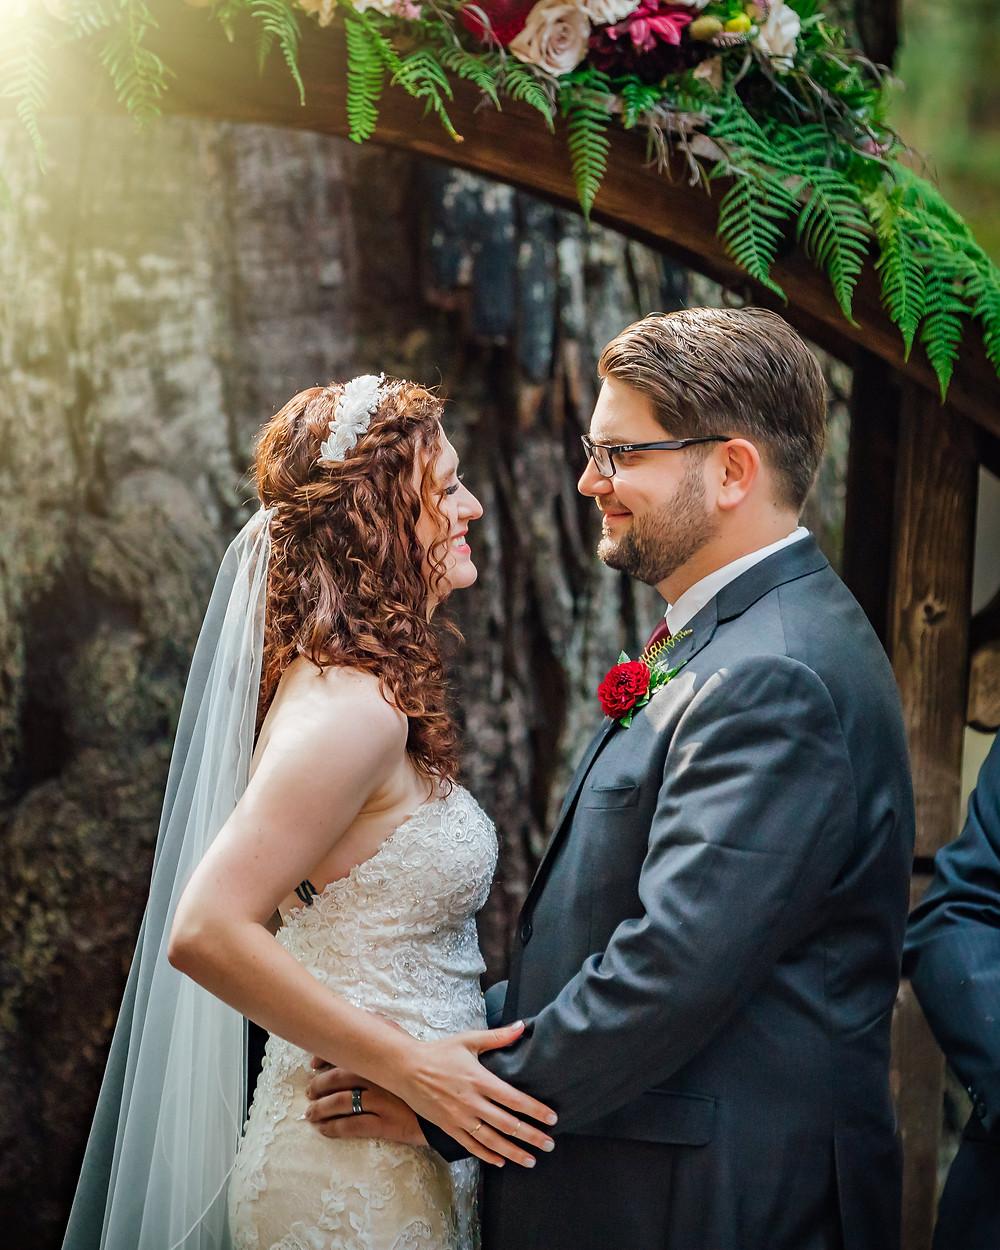 Mendocino County California Wedding | Redwood Wooded Wedding | Pronovia Bridal | Lace Wedding Dress | Destination Wedding Photographers | Seattle Wedding Photographers